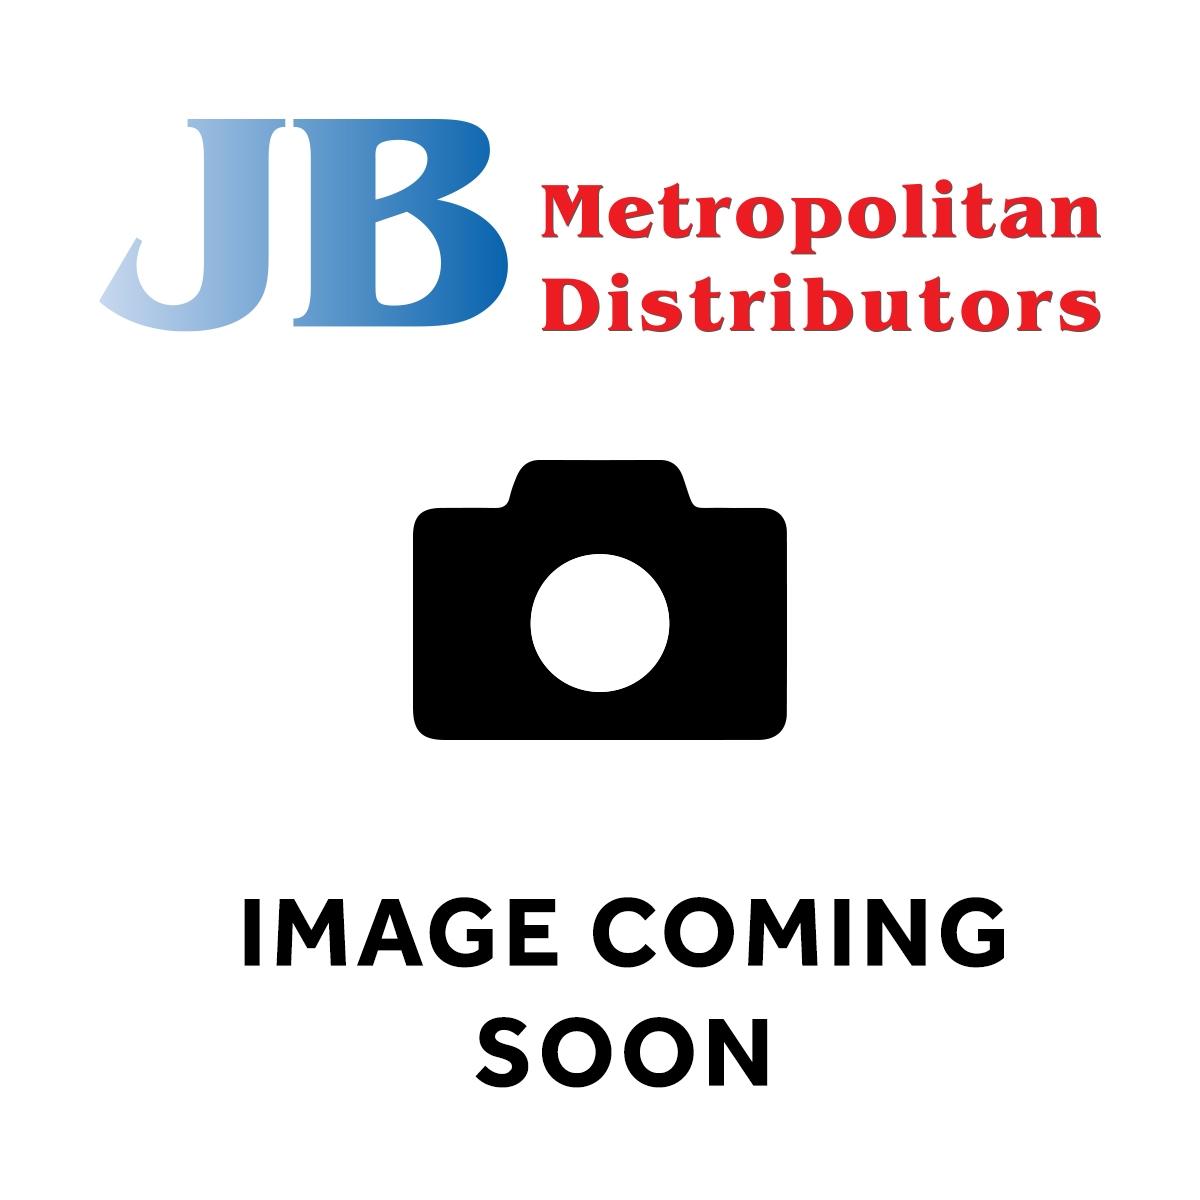 55G CRANKT BAR CHOCOLATE PEANUT BUTTER